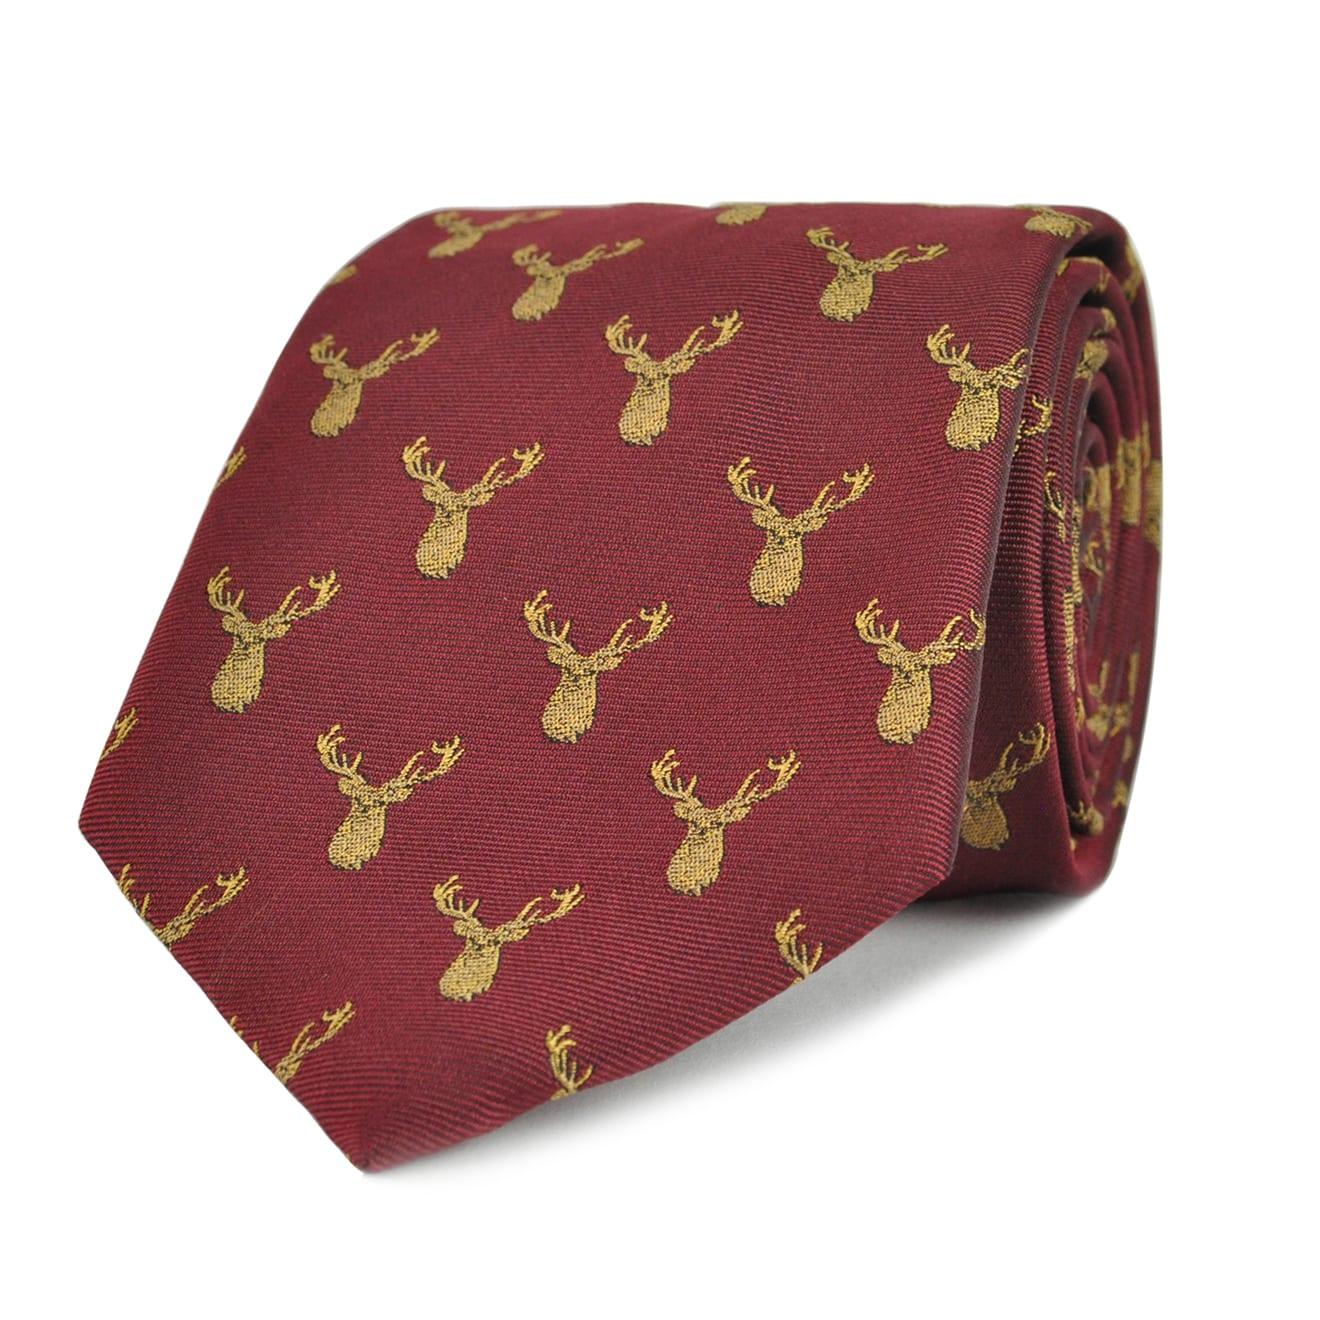 James Purdey Stag Head Silk Tie Wine